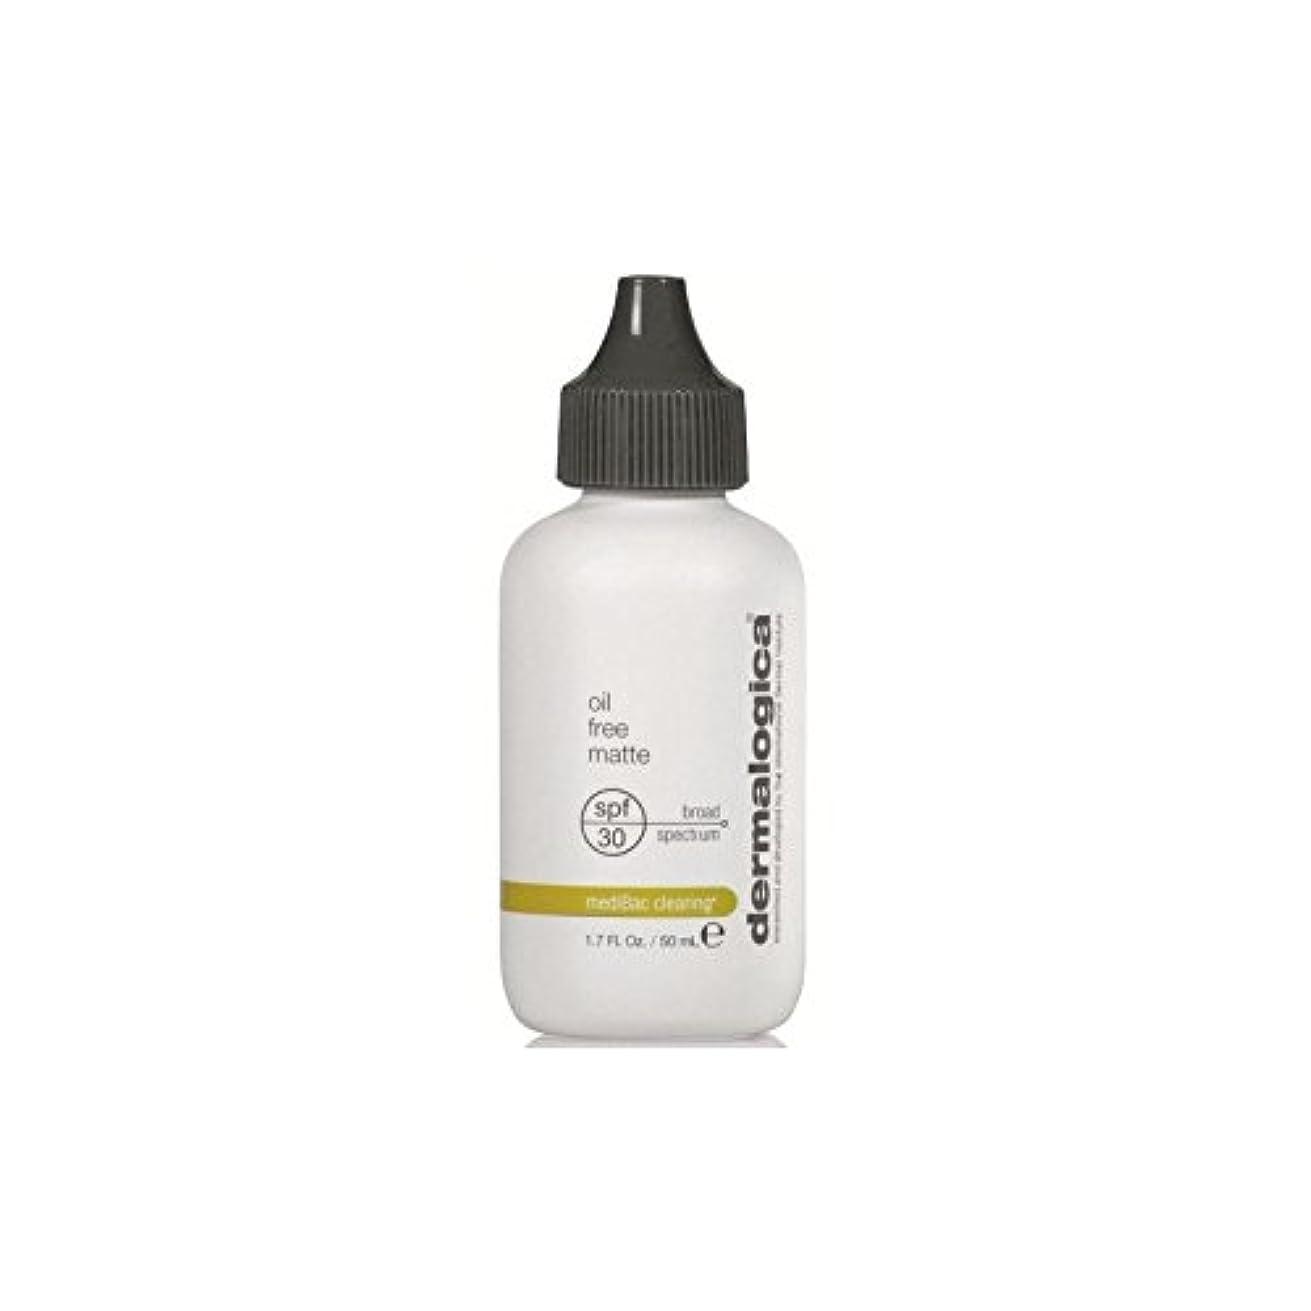 化学者良心月曜日Dermalogica Oil-Free Matte Spf 30 - ダーマロジカオイルフリーマット 30 [並行輸入品]